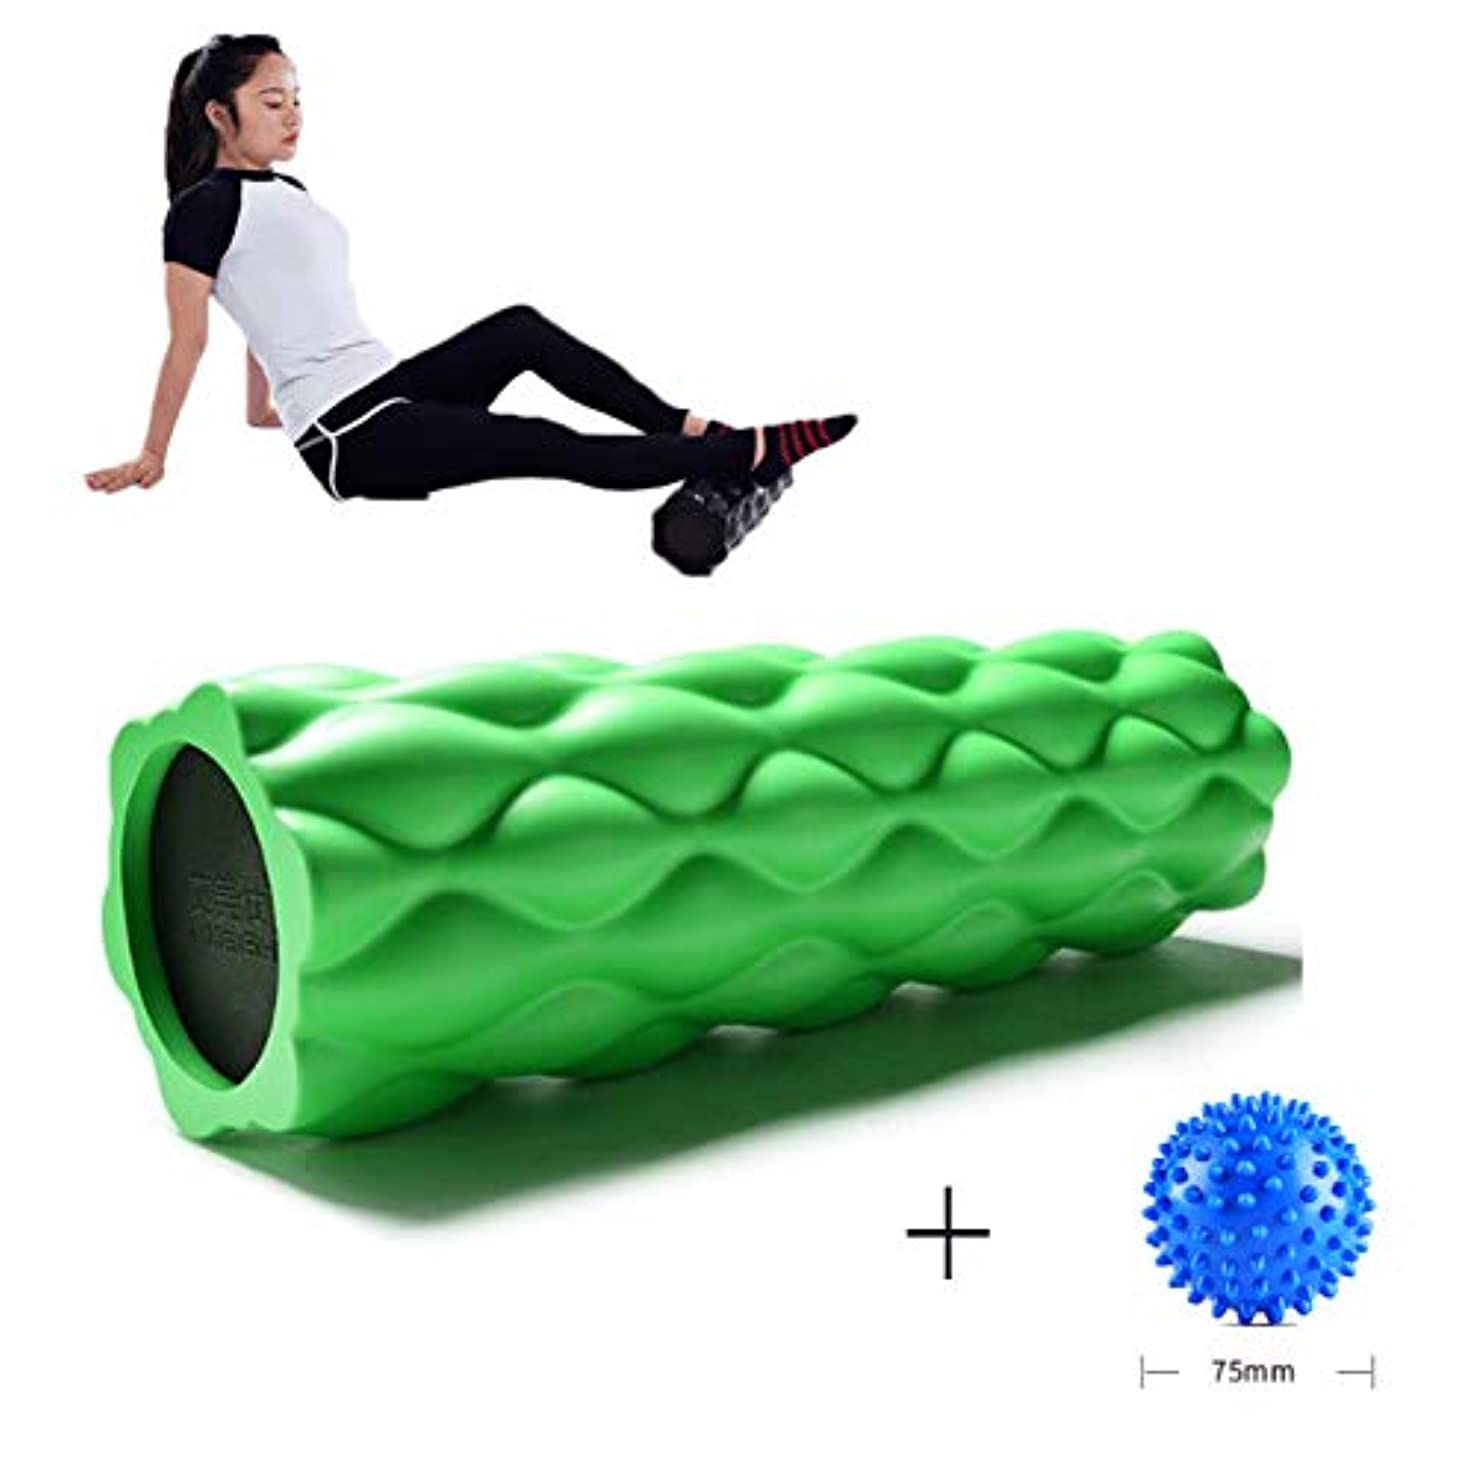 正確な中毒耐久フォームローラー 深部組織筋肉マッサージトリガーポイント解放(44.5 x 13.5 cm)のための高密度耐圧脊髄チャンネル,Green